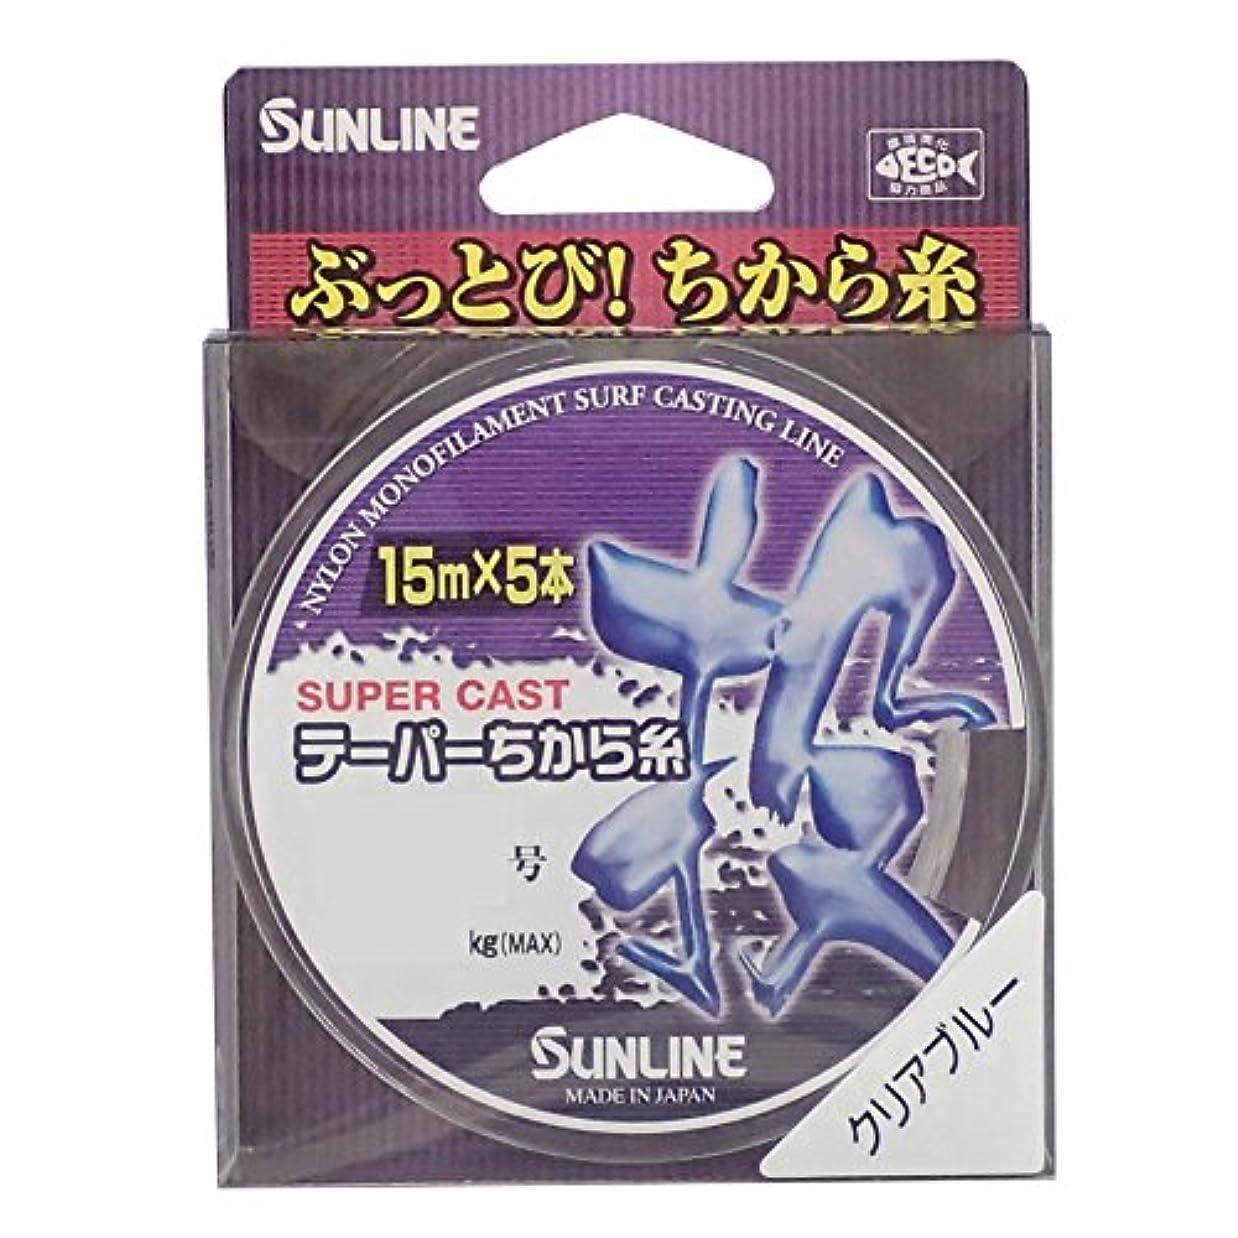 対抗透明に半球サンライン(SUNLINE) ナイロンライン スーパーキャスト テーパーちから糸 投 75m 2-8号 クリアブルー